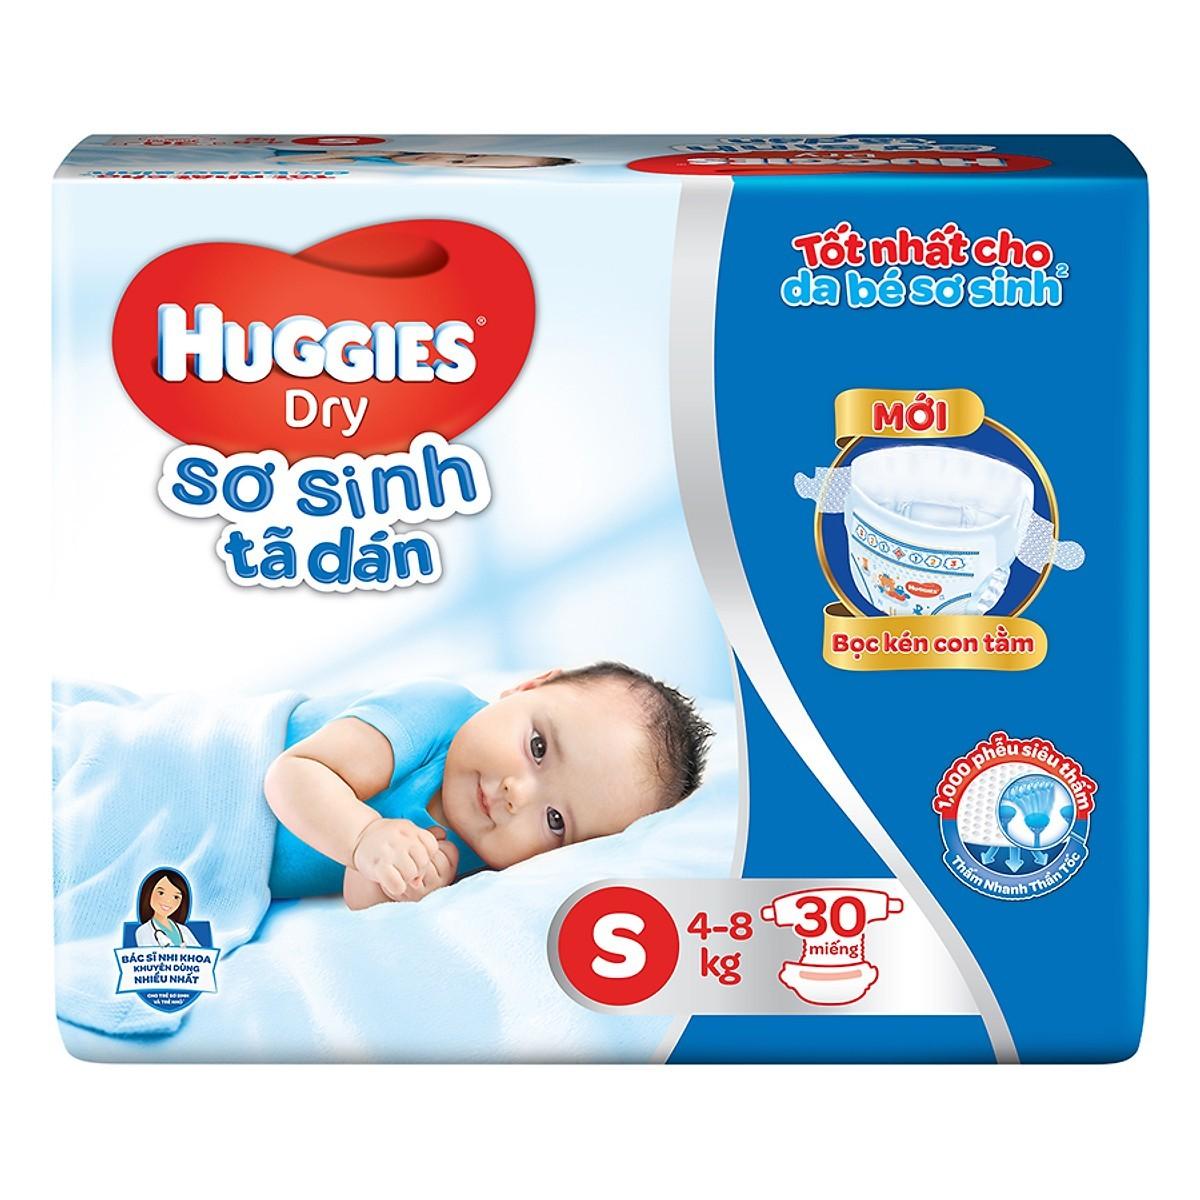 Hcm - tã dán sơ sinh huggies dry newborn s30 - 30 miếng - bao bì mới